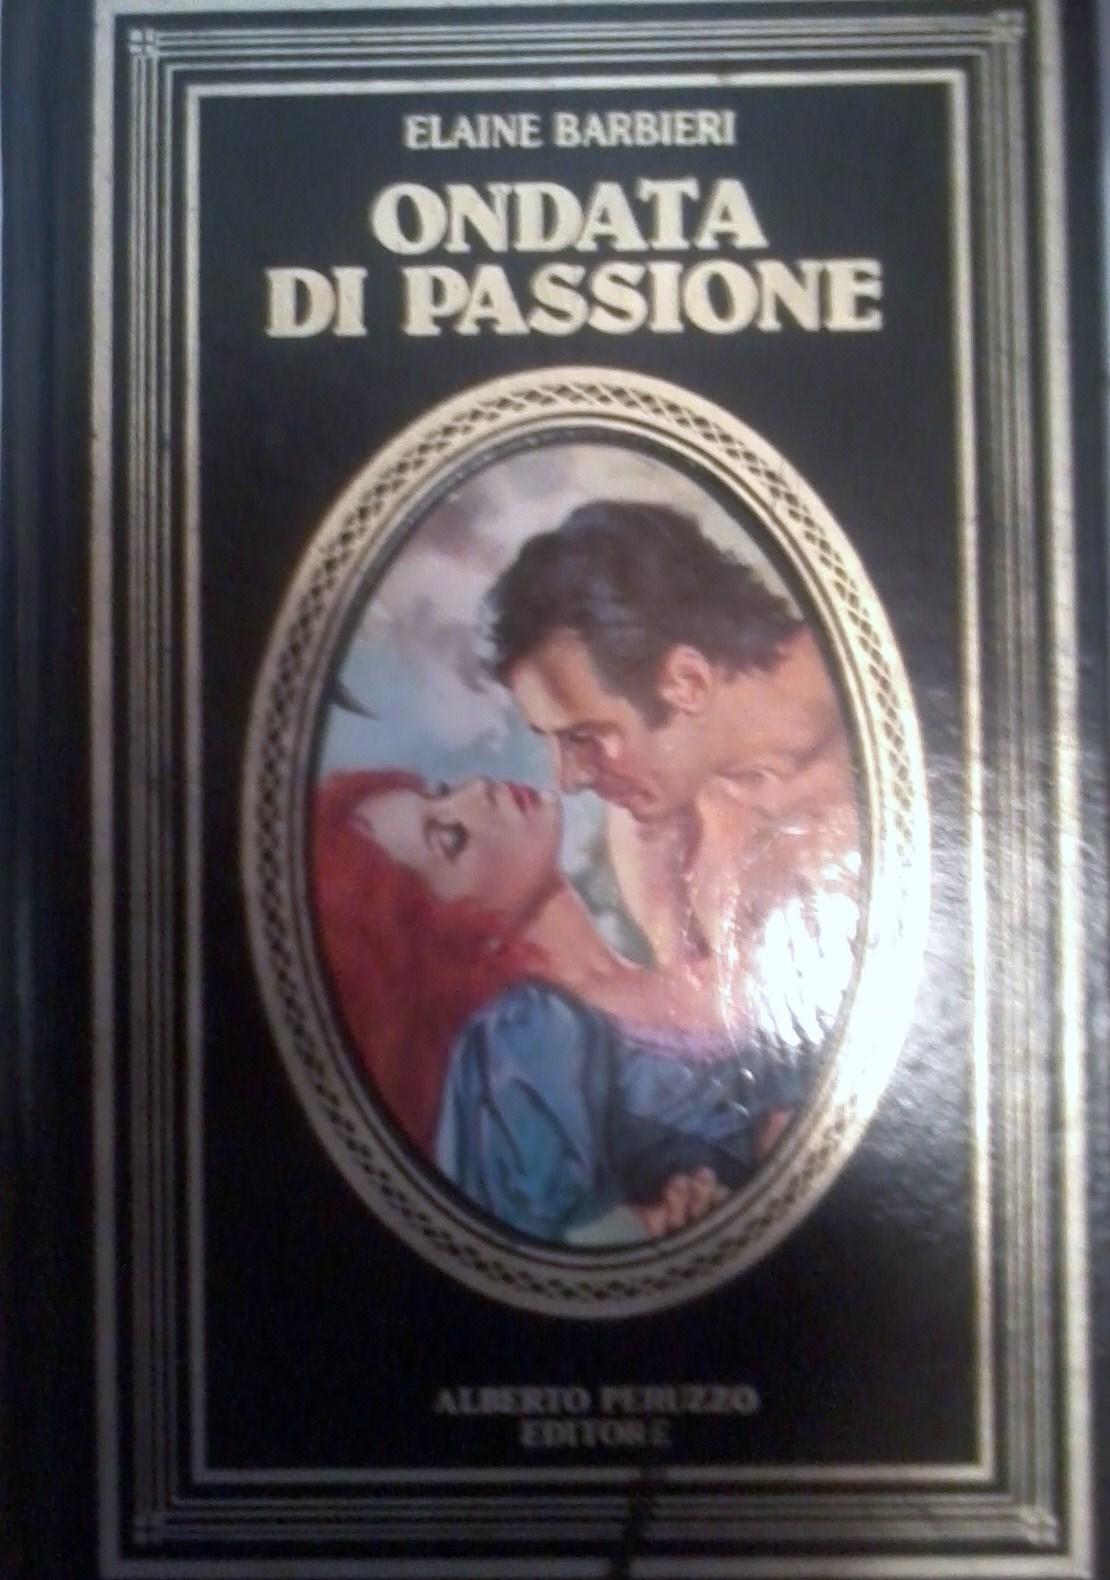 Ondata di passione